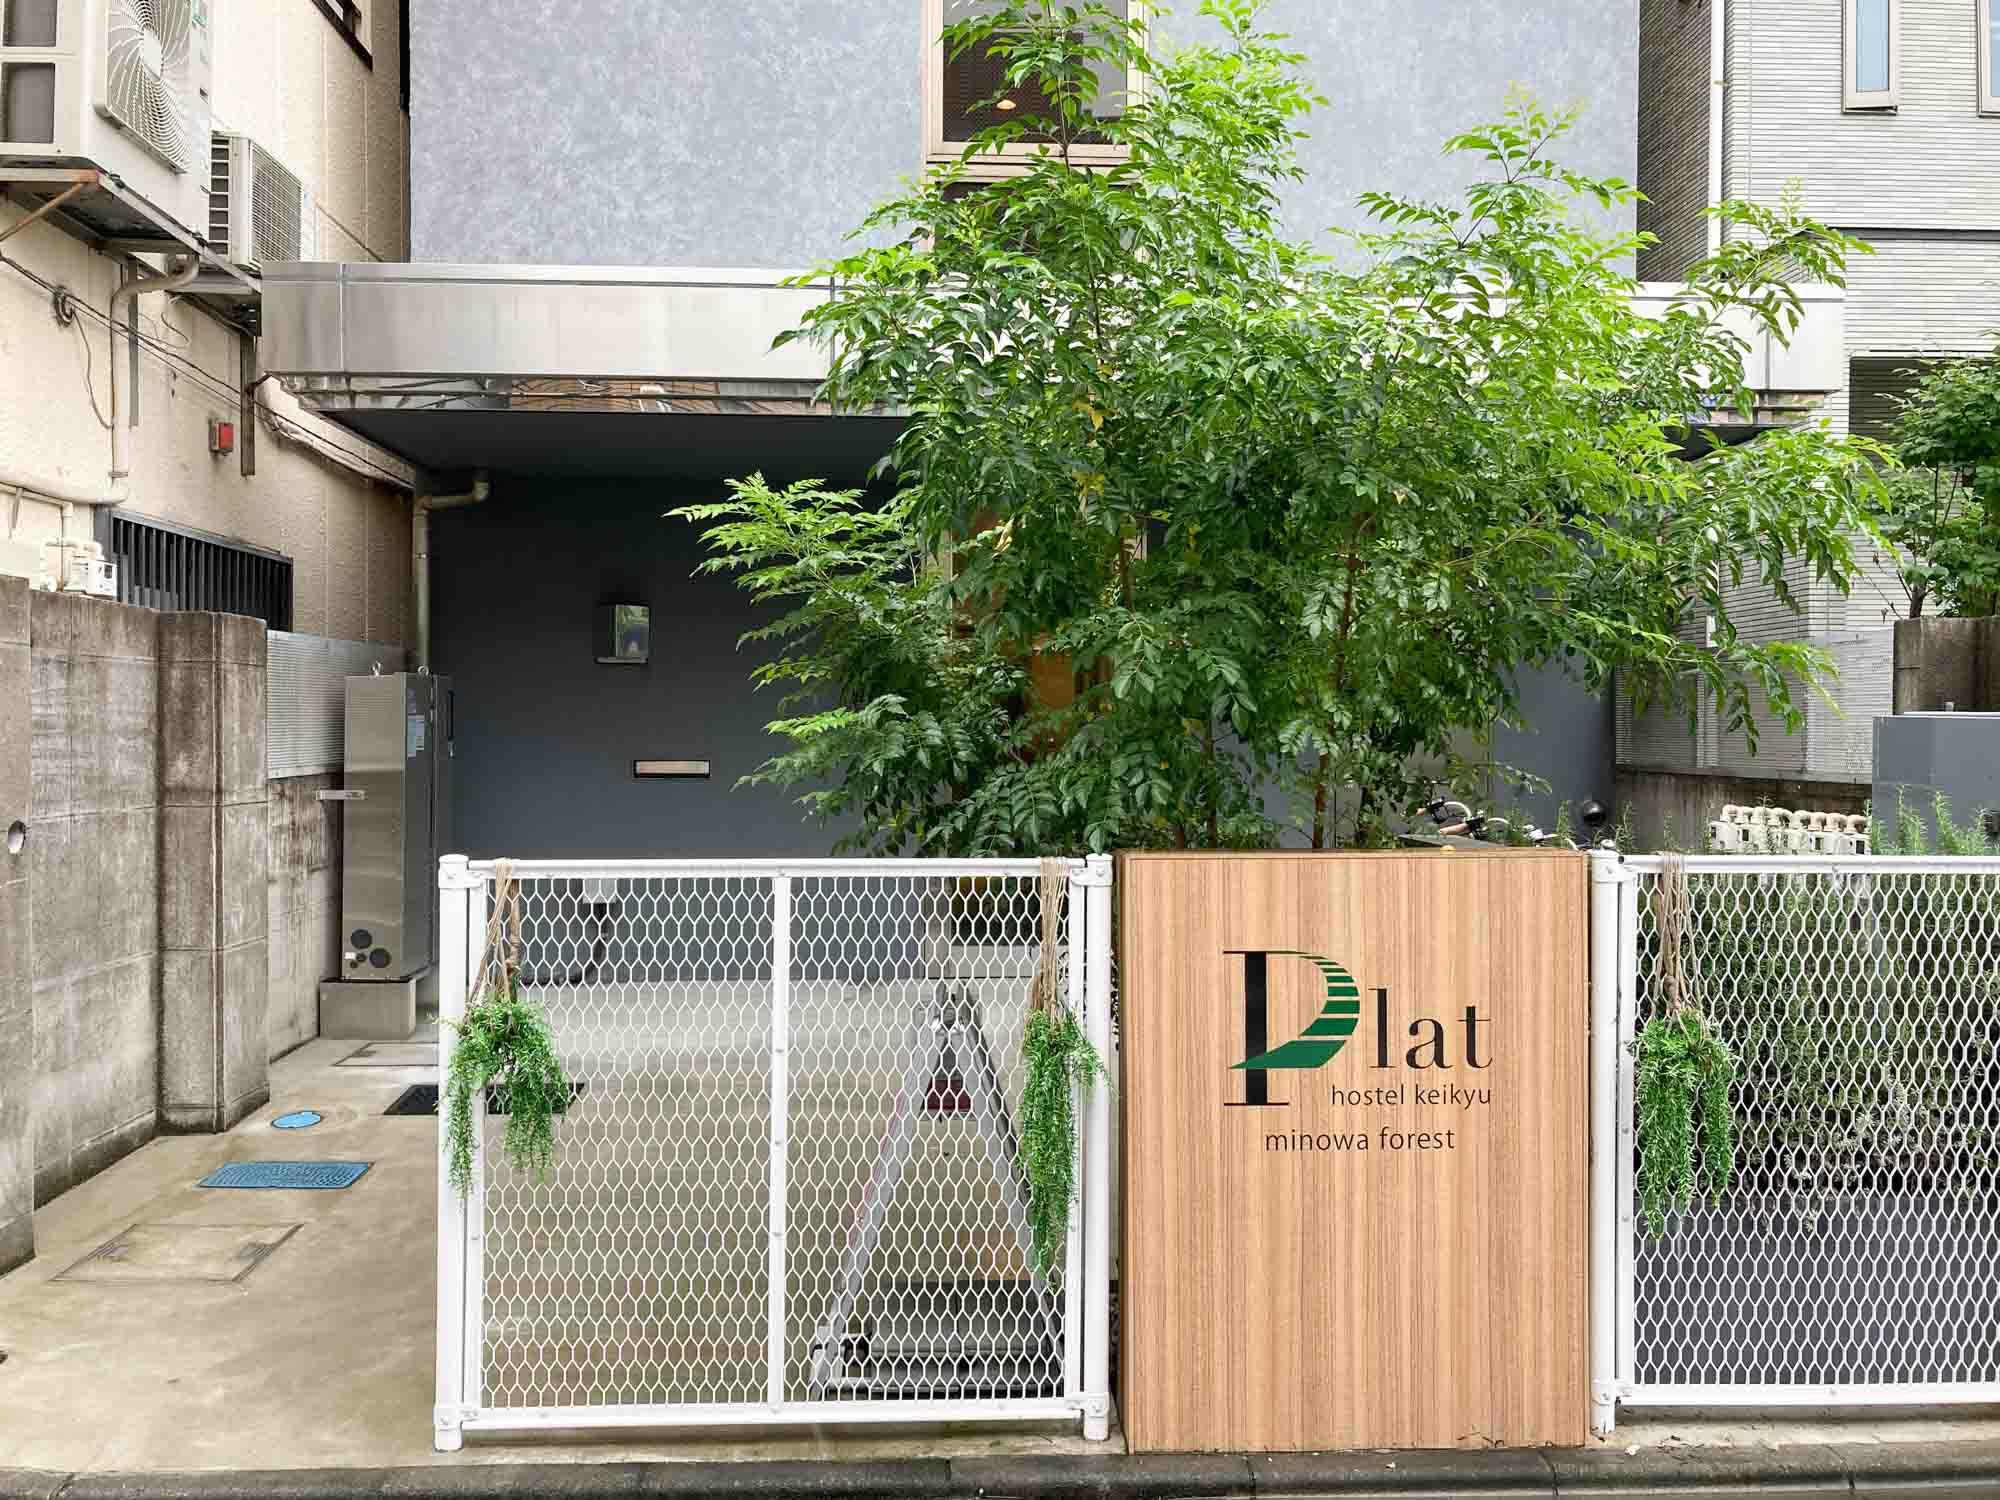 「plat hostel keikyu minowa forest」 宿泊レビュー!背伸びしない等身大のホテル暮らしをここで。